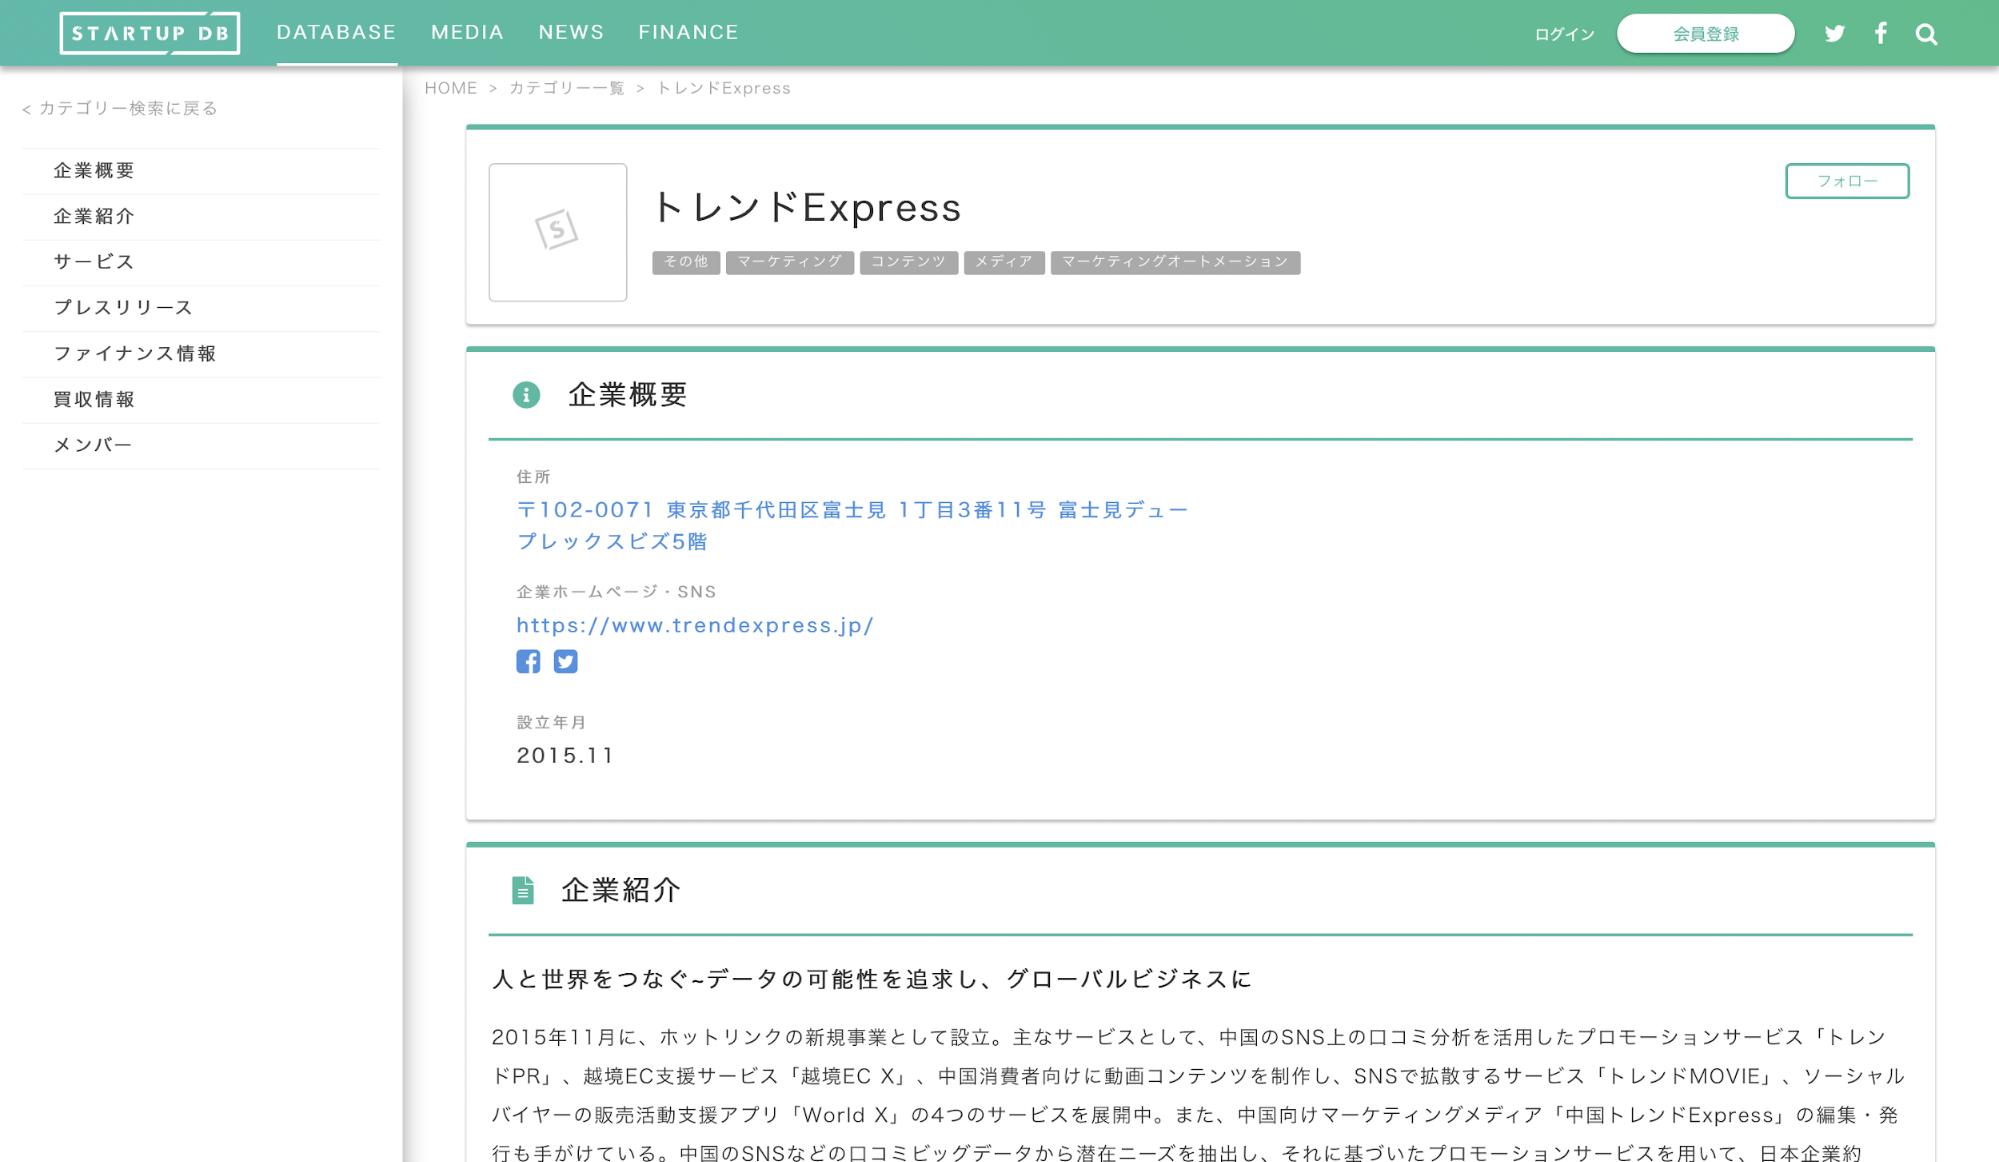 調達額:7億円 調達先:日本郵政キャピタル / DNX Ventures / 他、個人投資家も含む